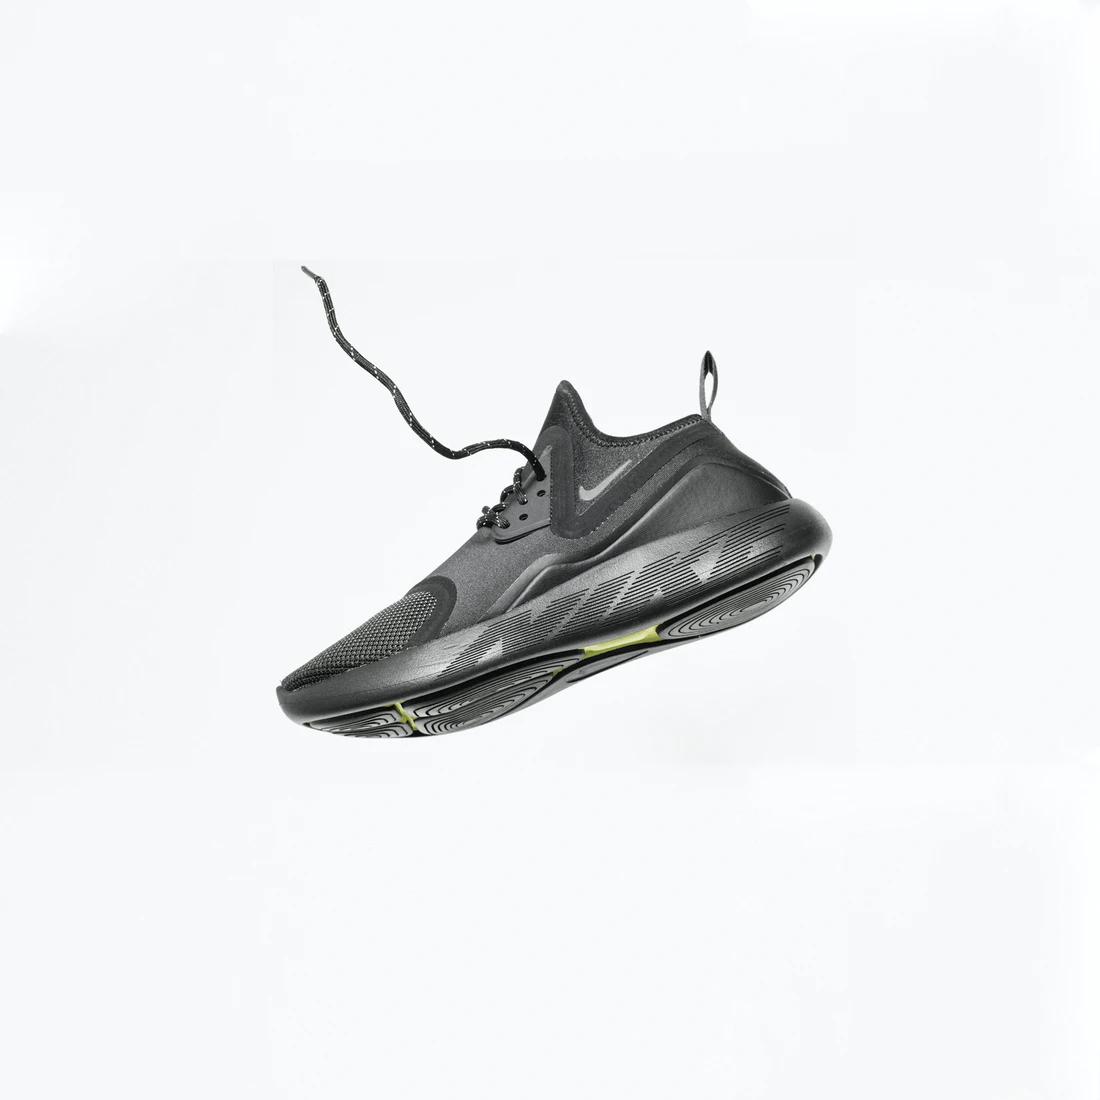 black foot of nike brand sneakers